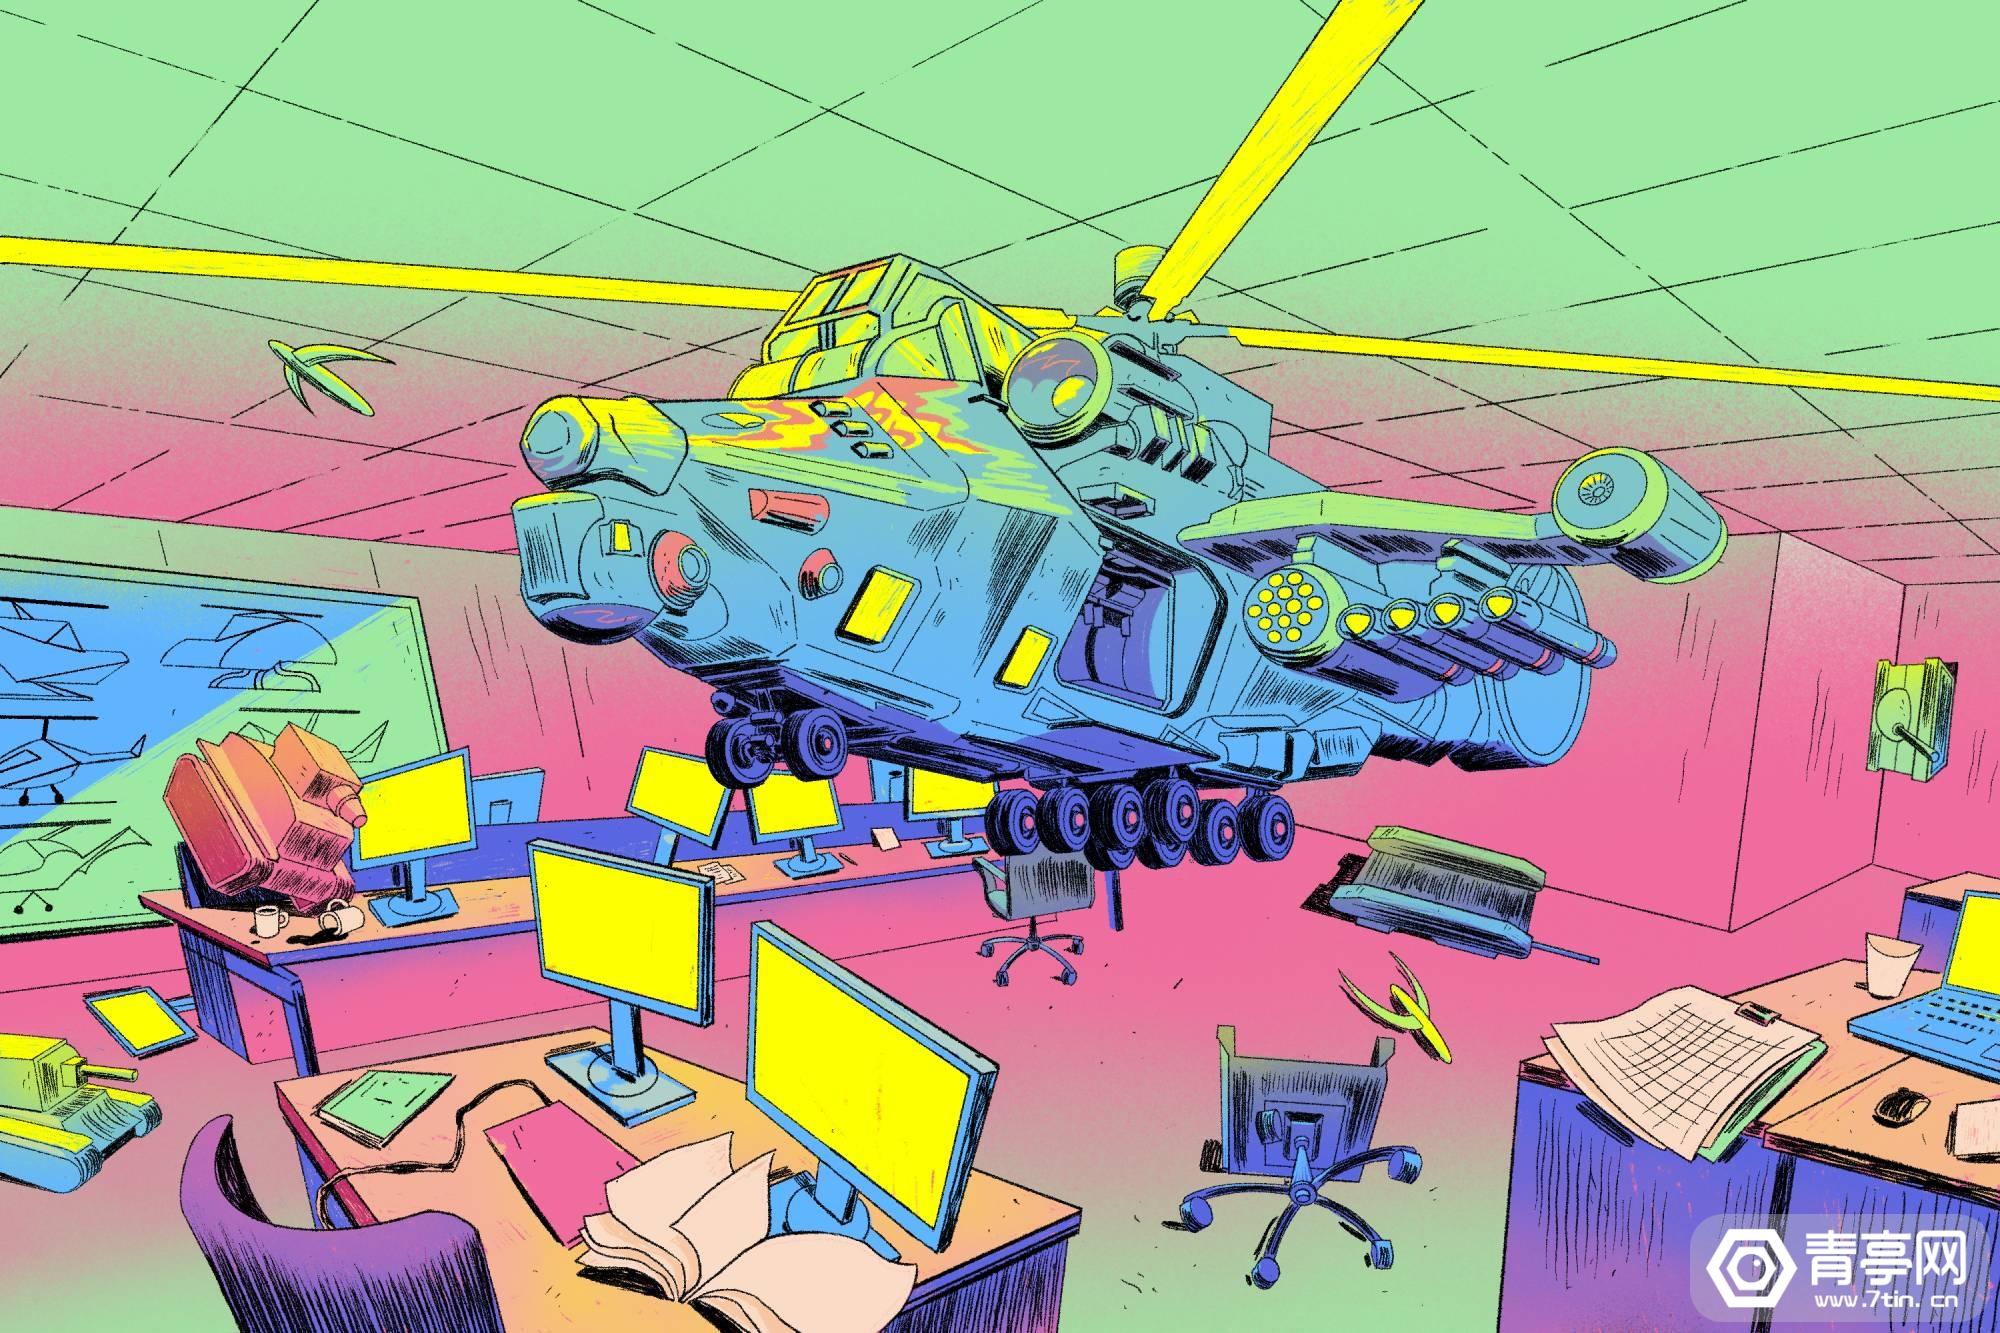 5年0作品,索尼曼彻斯特VR游戏工作室为何夭折